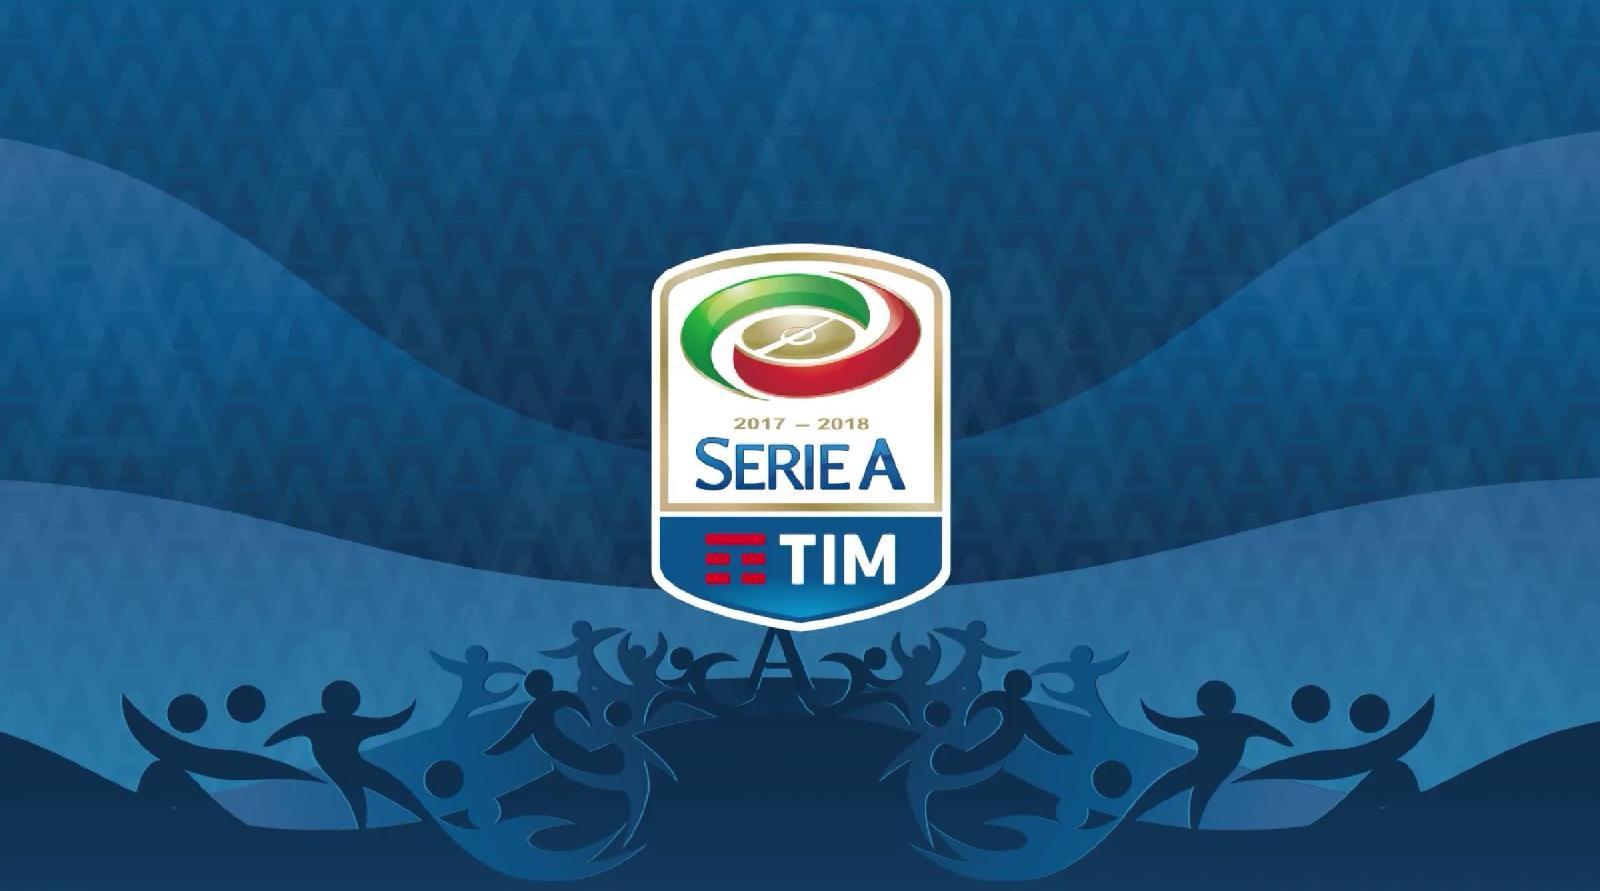 Calendario Serie A Seconda Giornata.Serie A Il Calendario Completo A Torino La Prima Atalanta